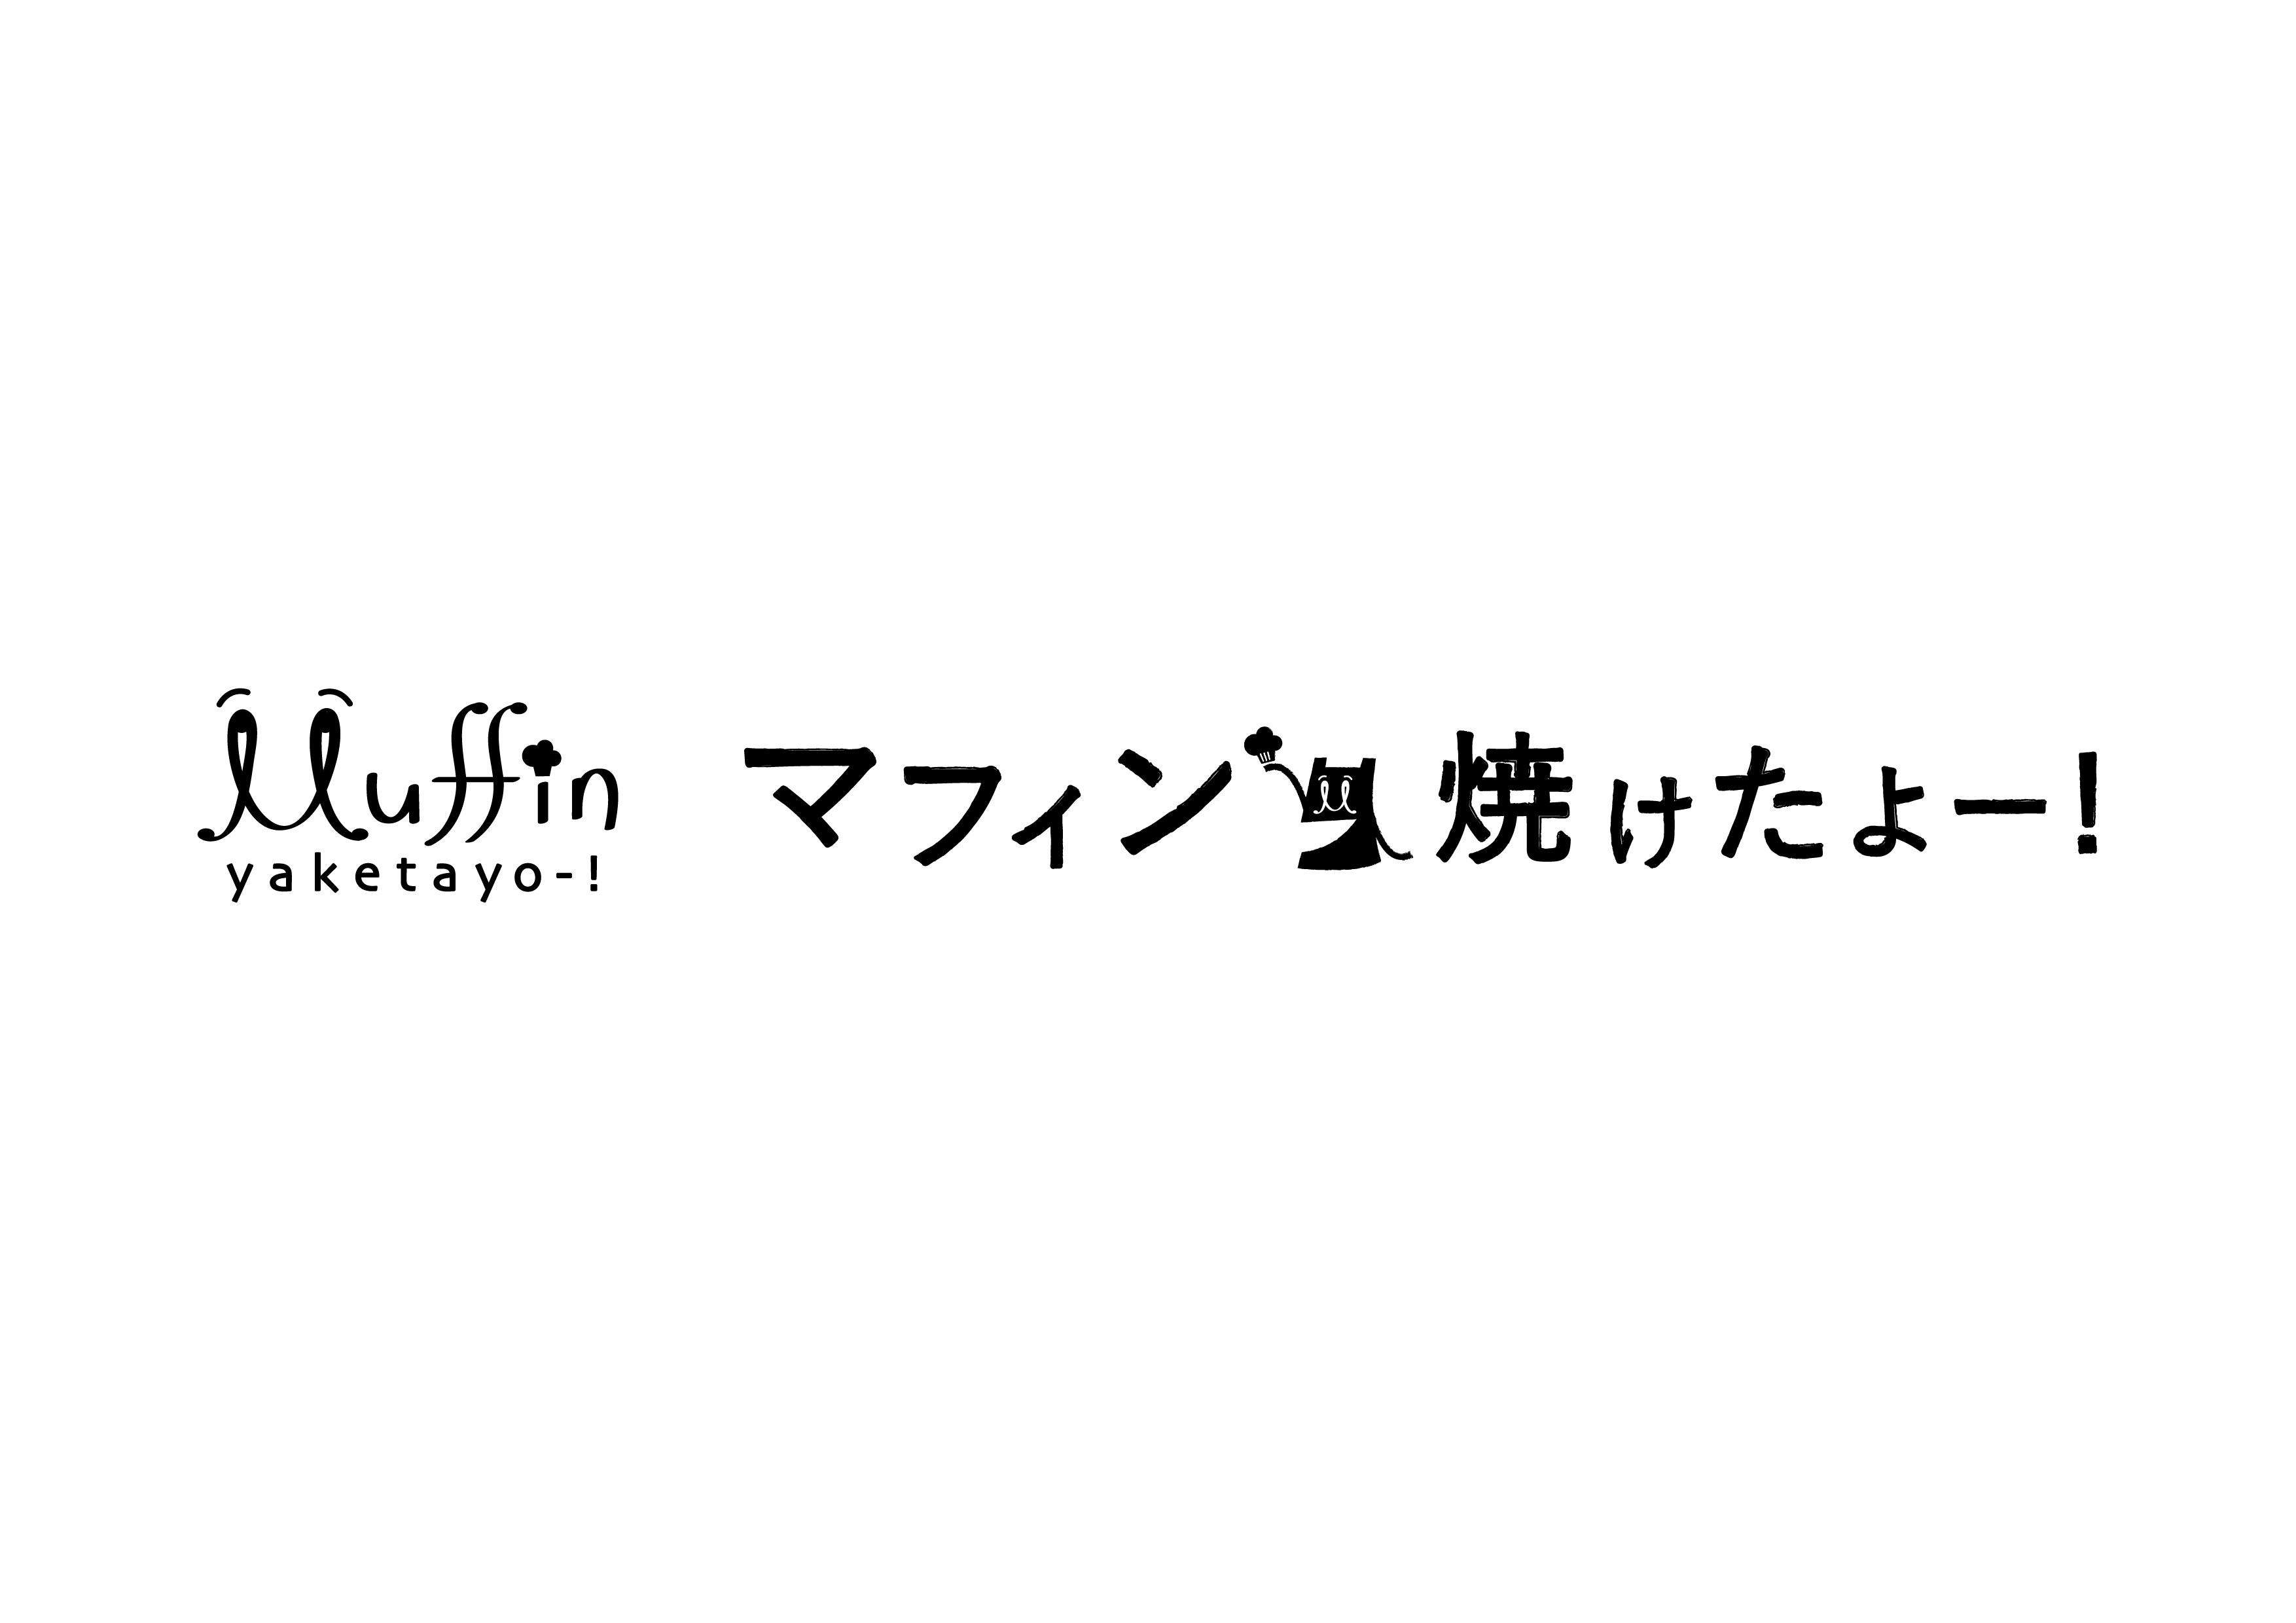 マフィン専門店 マフィン焼けたよー!